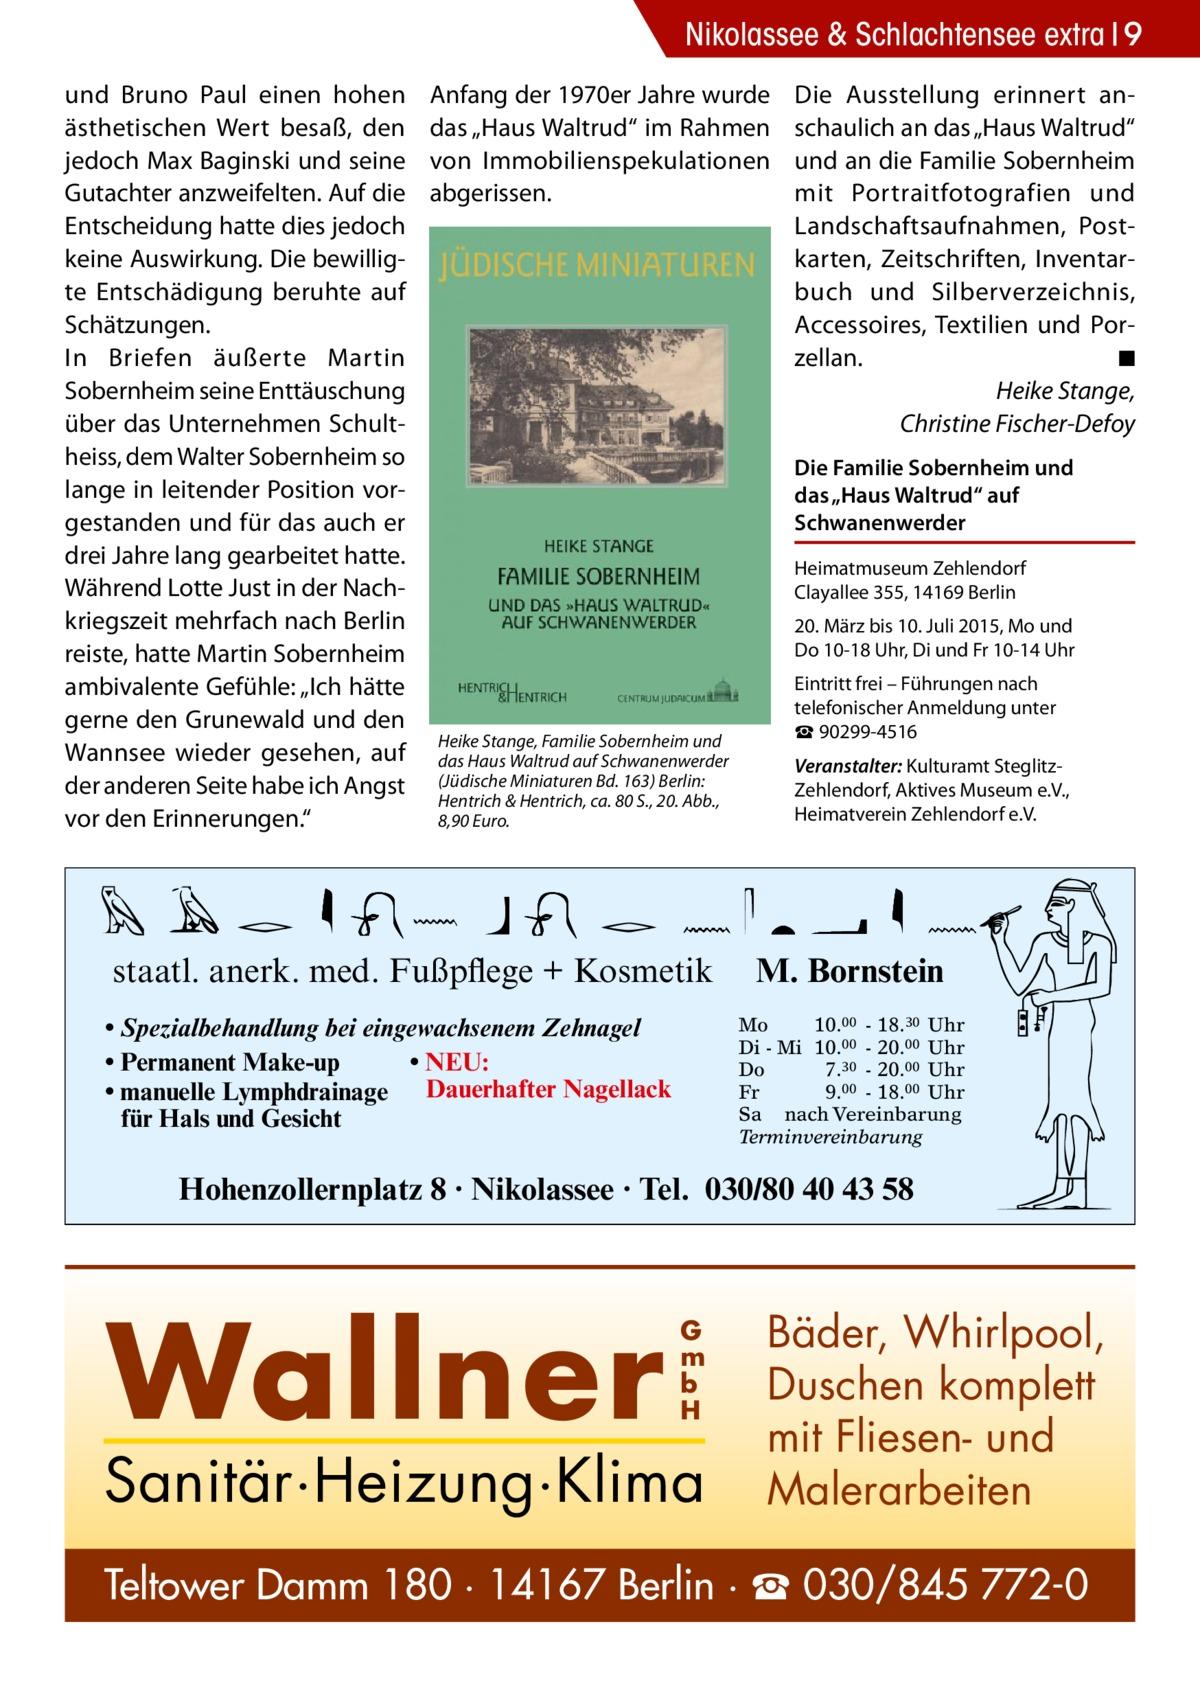 """Nikolassee & Schlachtensee extra 9 und Bruno Paul einen hohen ästhetischen Wert besaß, den jedoch Max Baginski und seine Gutachter anzweifelten. Auf die Entscheidung hatte dies jedoch keine Auswirkung. Die bewilligte Entschädigung beruhte auf Schätzungen. In Briefen äußerte Martin Sobernheim seine Enttäuschung über das Unternehmen Schultheiss, dem Walter Sobernheim so lange in leitender Position vorgestanden und für das auch er drei Jahre lang gearbeitet hatte. Während Lotte Just in der Nachkriegszeit mehrfach nach Berlin reiste, hatte Martin Sobernheim ambivalente Gefühle: """"Ich hätte gerne den Grunewald und den Wannsee wieder gesehen, auf der anderen Seite habe ich Angst vor den Erinnerungen.""""  Anfang der 1970er Jahre wurde das """"Haus Waltrud"""" im Rahmen von Immobilienspekulationen abgerissen.  Die Ausstellung erinnert anschaulich an das """"Haus Waltrud"""" und an die Familie Sobernheim mit Portraitfotografien und Landschaftsaufnahmen, Postkarten, Zeitschriften, Inventarbuch und Silberverzeichnis, Accessoires, Textilien und Porzellan. � ◾ � Heike Stange, Christine Fischer-Defoy Die Familie Sobernheim und das """"Haus Waltrud"""" auf Schwanenwerder Heimatmuseum Zehlendorf Clayallee 355, 14169 Berlin 20. März bis 10. Juli 2015, Mo und Do10-18 Uhr, Di und Fr 10-14 Uhr  Heike Stange, Familie Sobernheim und das Haus Waltrud auf Schwanenwerder (Jüdische Miniaturen Bd. 163) Berlin: Hentrich & Hentrich, ca. 80 S., 20. Abb., 8,90 Euro.  staatl. anerk. med. Fußpflege + Kosmetik • Spezialbehandlung bei eingewachsenem Zehnagel • Permanent Make-up • NEU: • manuelle Lymphdrainage Dauerhafter Nagellack für Hals und Gesicht  Eintritt frei – Führungen nach telefonischer Anmeldung unter ☎ 90299-4516 Veranstalter: Kulturamt SteglitzZehlendorf, Aktives Museum e.V., Heimatverein Zehlendorf e.V.  M. Bornstein Mo 10.00 - 18.30 Uhr Di - Mi 10.00 - 20.00 Uhr Do 7.30 - 20.00 Uhr Fr 9.00 - 18.00 Uhr Sa nach Vereinbarung Terminvereinbarung  Hohenzollernplatz 8 · Nikolassee · Tel. 030/80 40 43 58  Wallner """